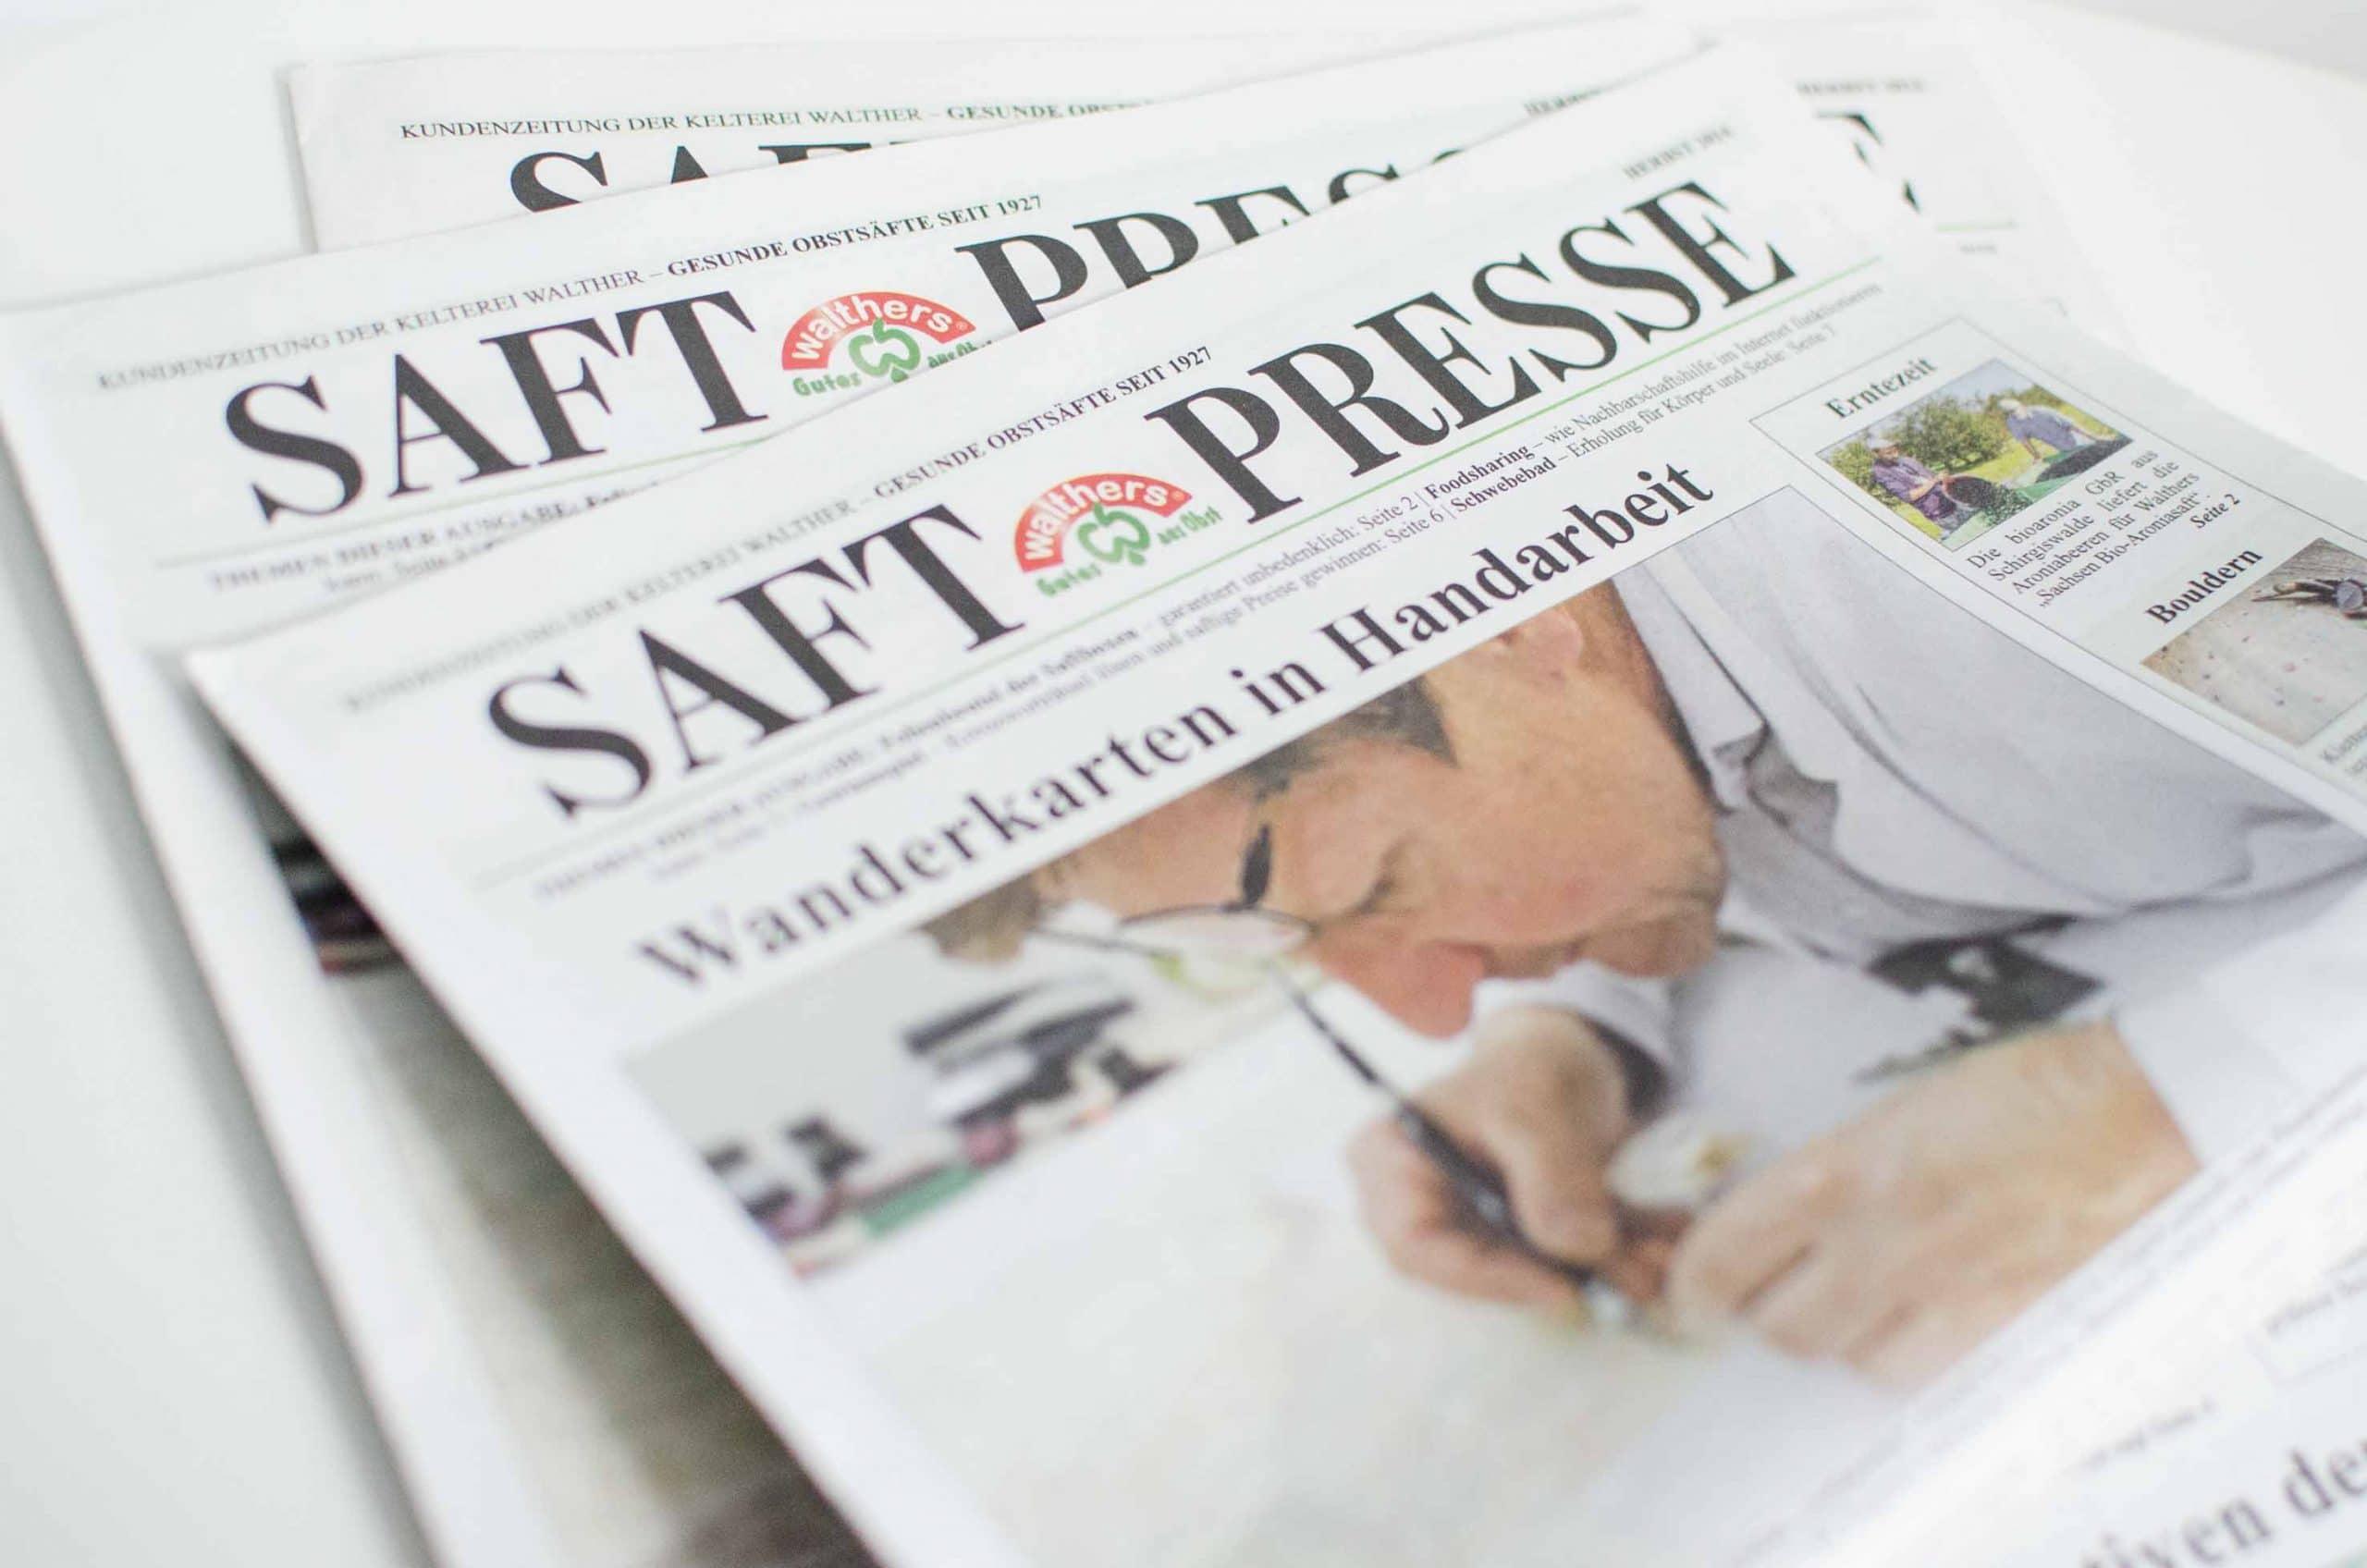 Text, Gestaltung, Fotografie, Produktion - Kundenzeitung der Kelterei Walther